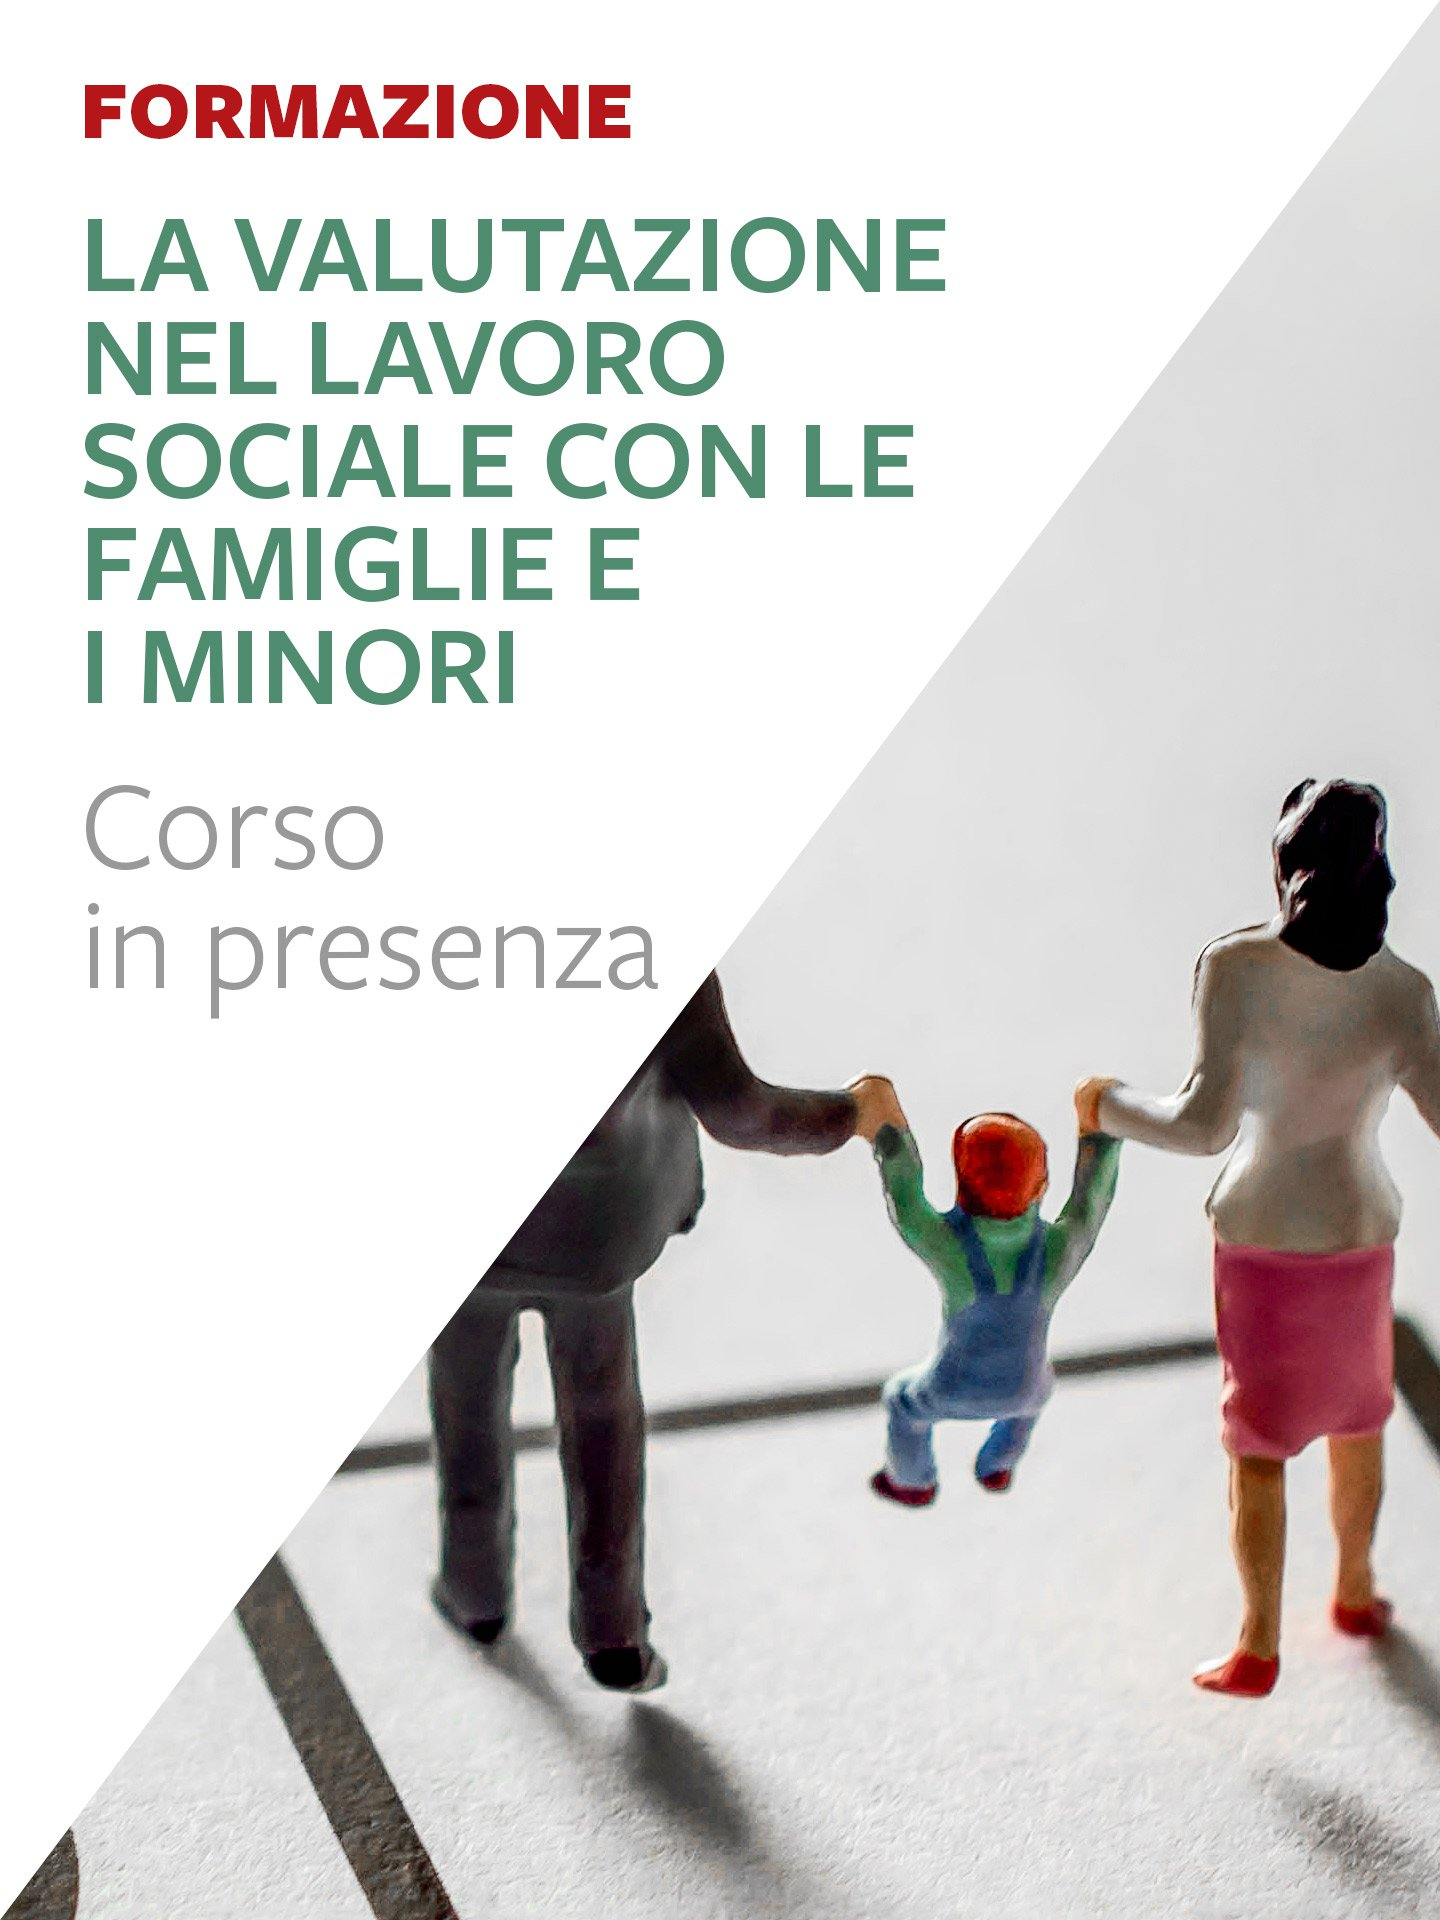 La valutazione nel lavoro sociale con le famiglie e i minori. - Lavoro sociale - Riviste - Erickson